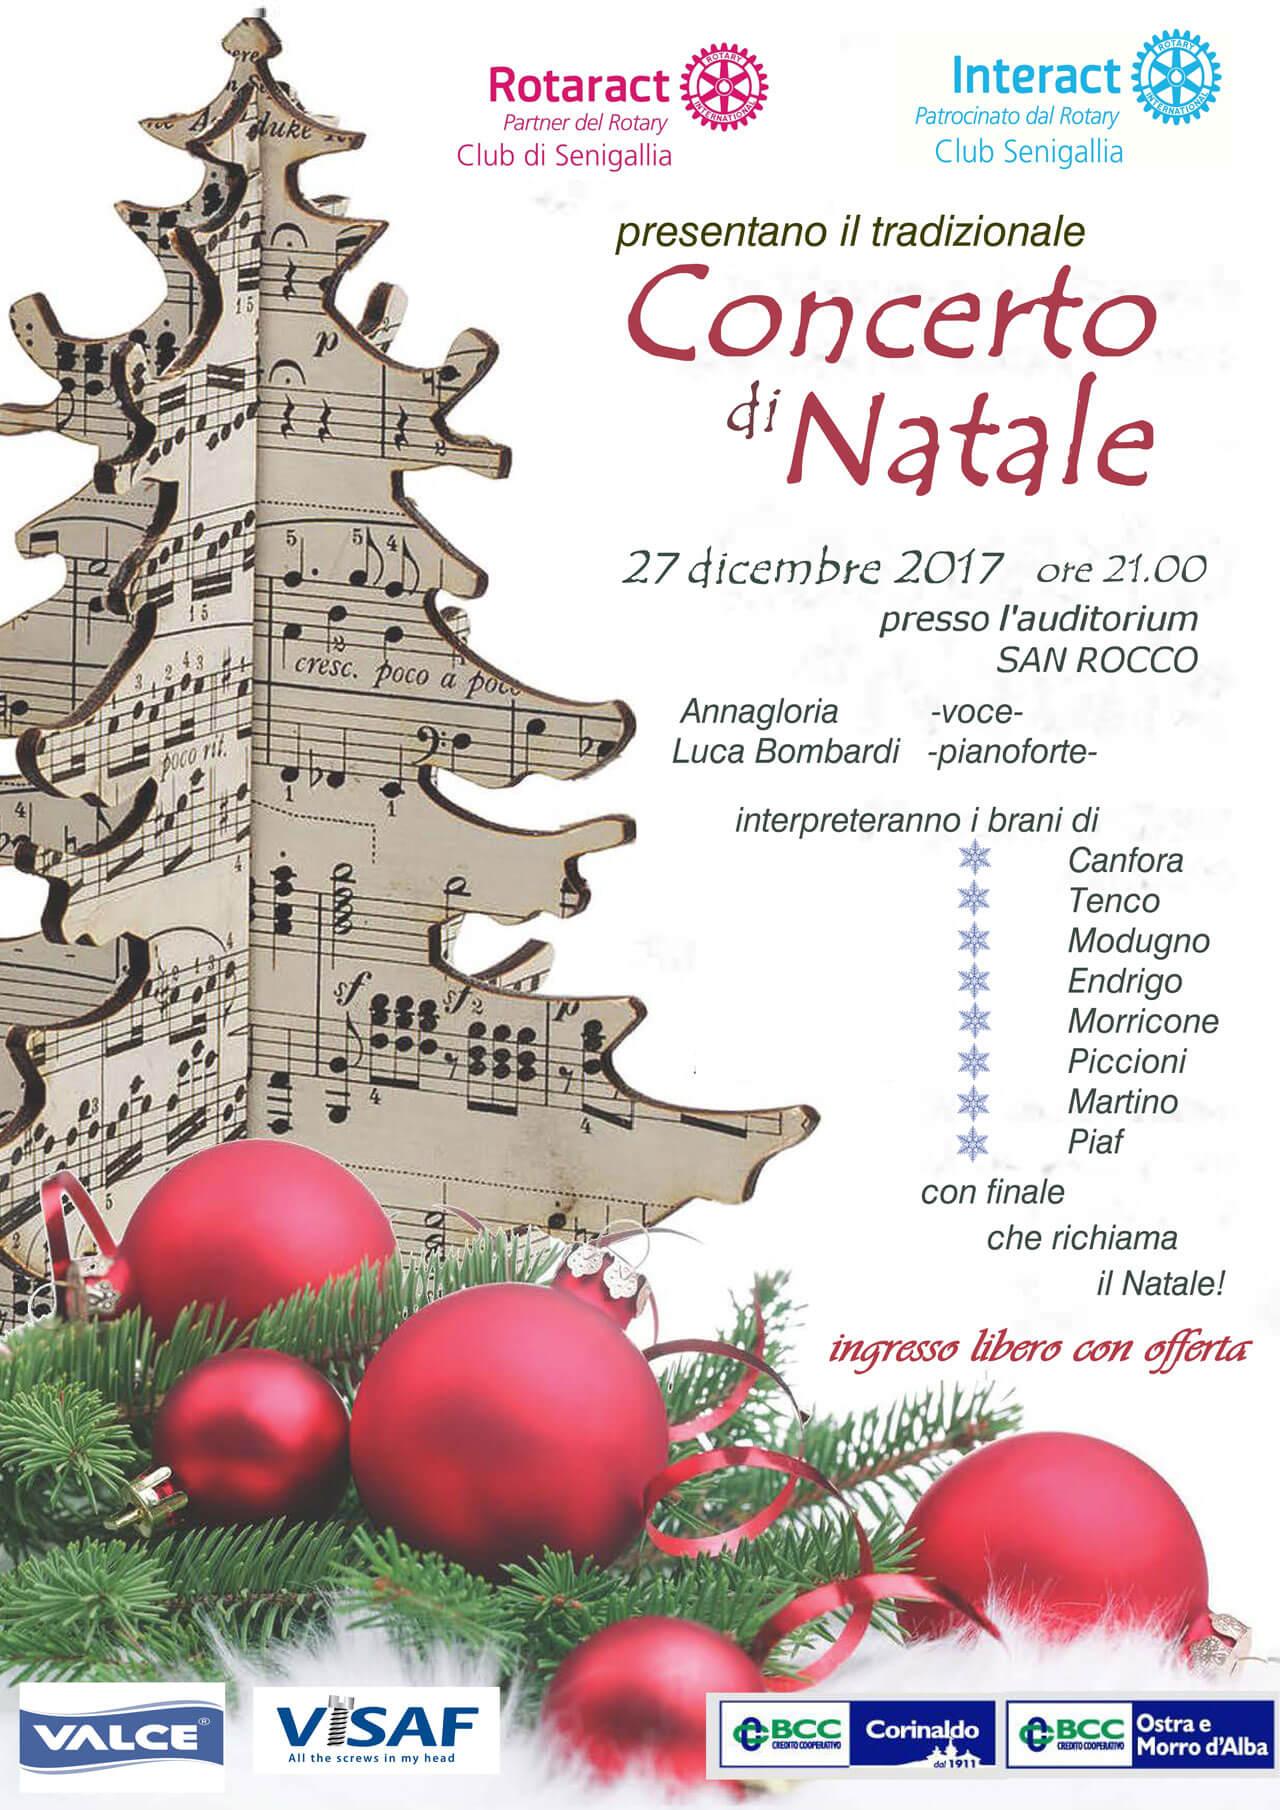 Concerto Di Natale.Concerto Di Natale 2017 Rotary Club Senigallia